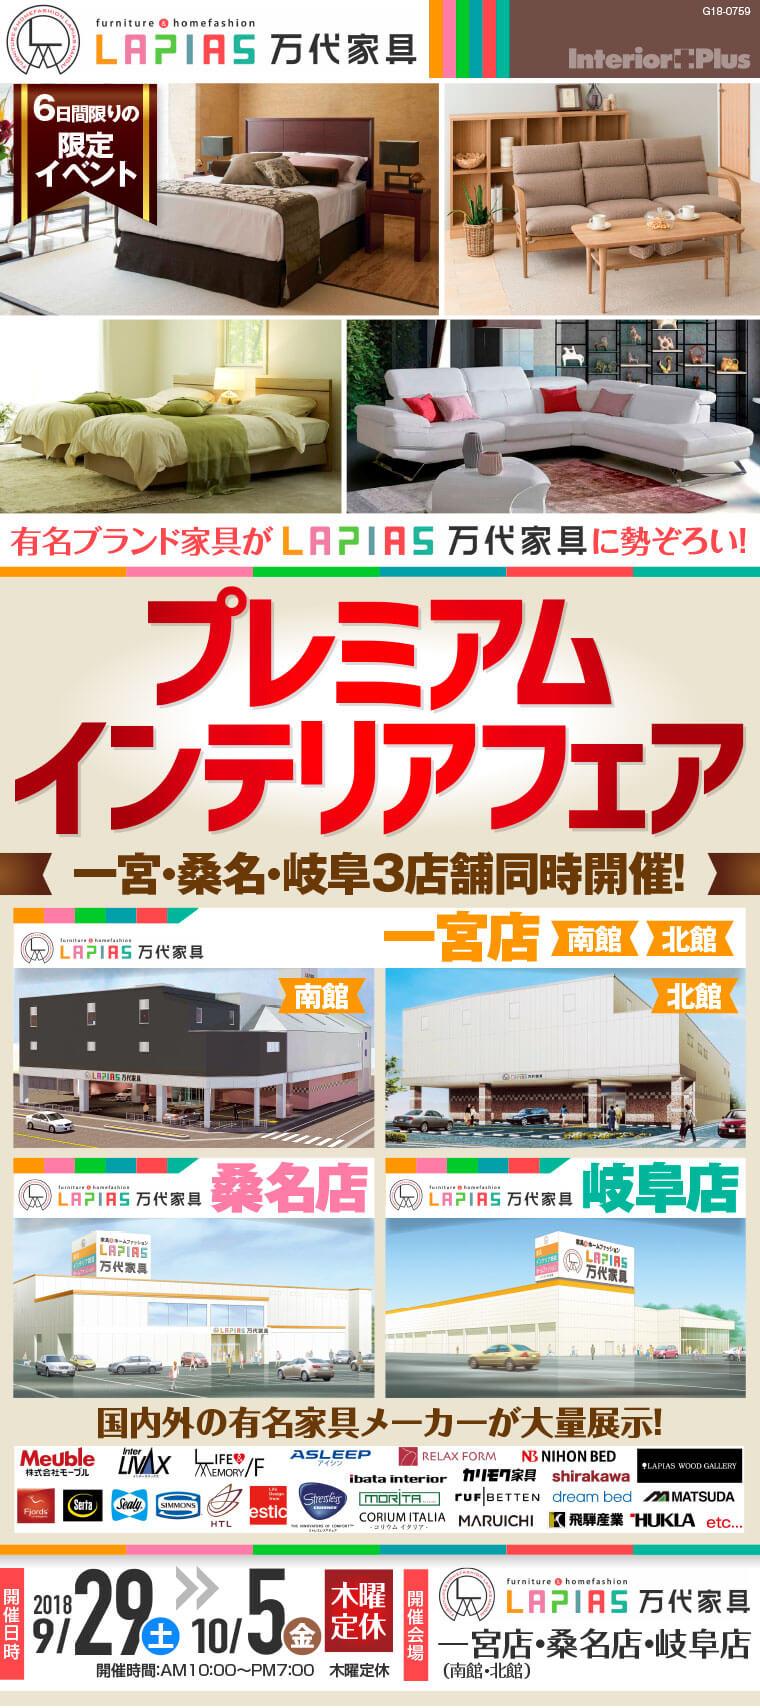 プレミアムインテリアフェア LAPIAS 万代家具 一宮・桑名・岐阜3店舗同時開催!